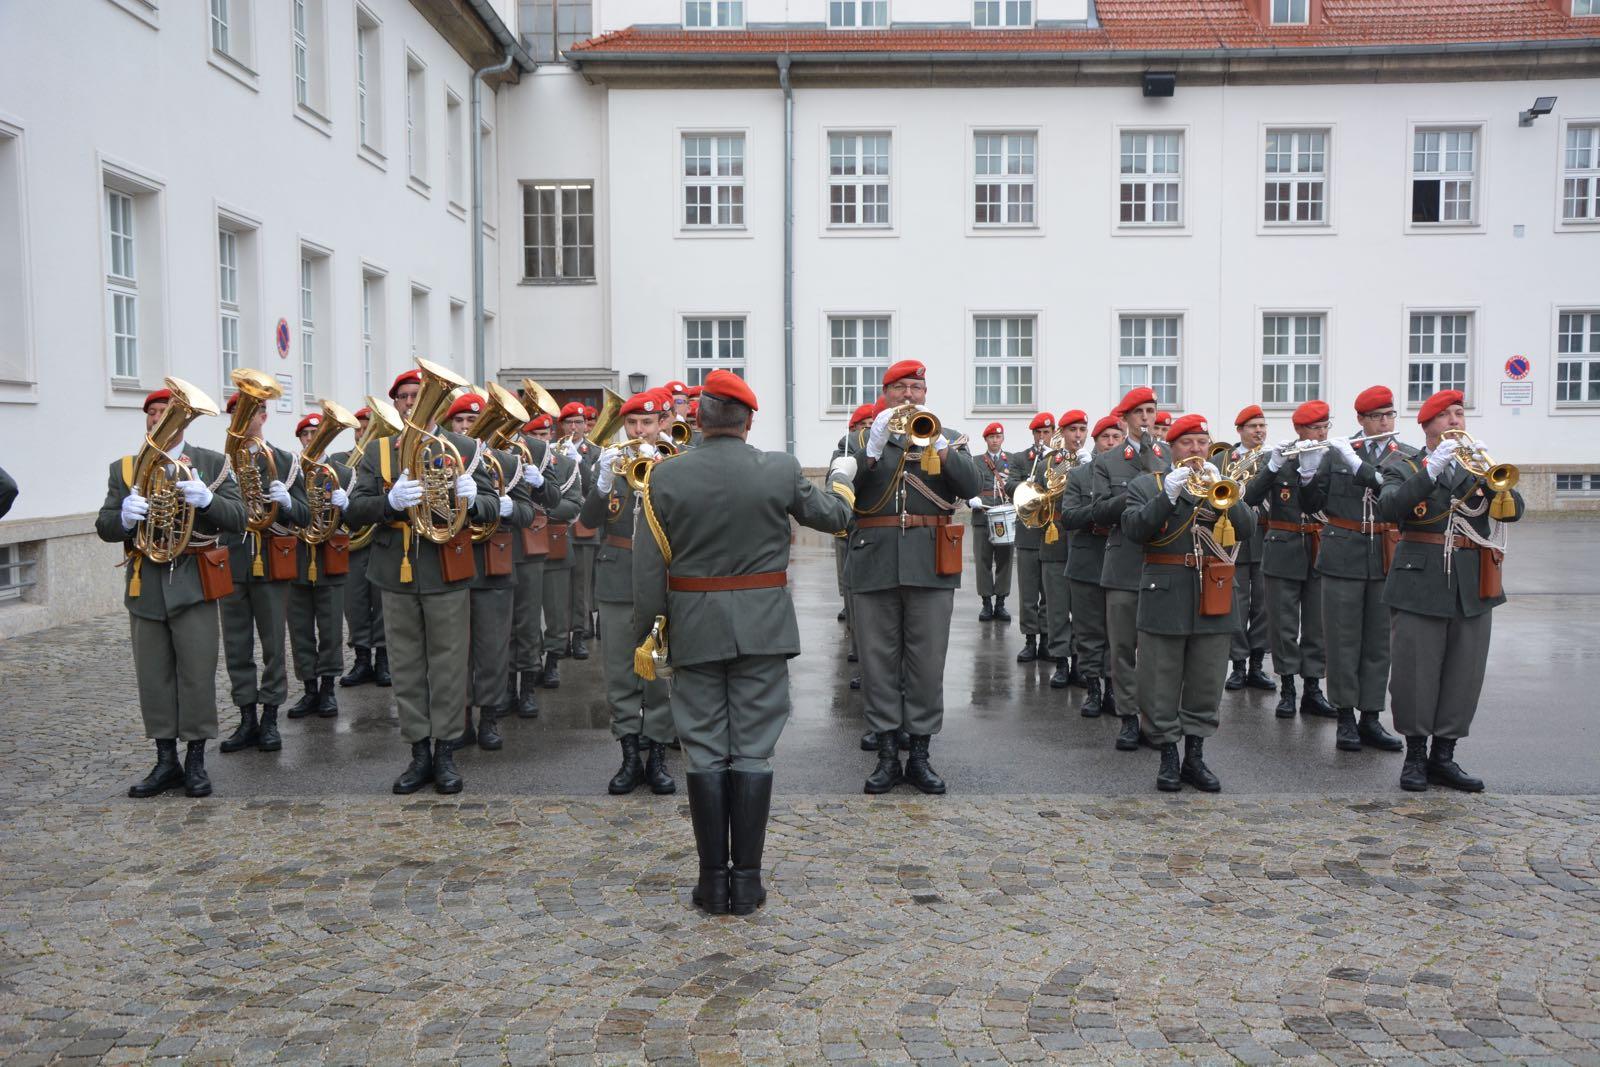 2019_04_30_Besuch_Staatsanwaltschaft - 17 of 25